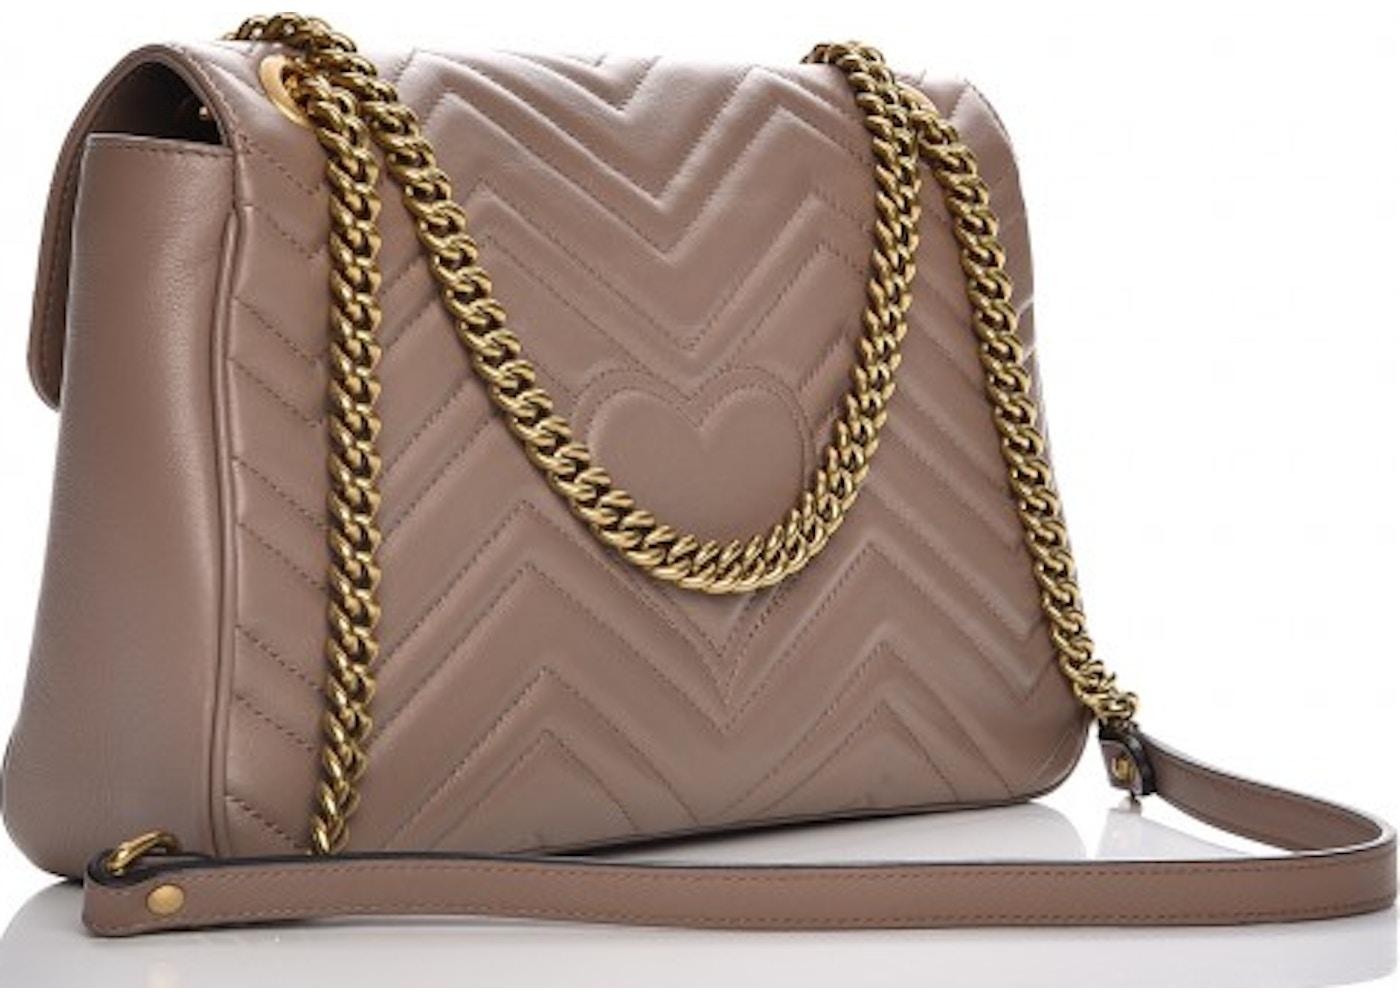 05f919900ed Gucci Marmont Shoulder Bag Matelasse GG Medium Porcelain Rose